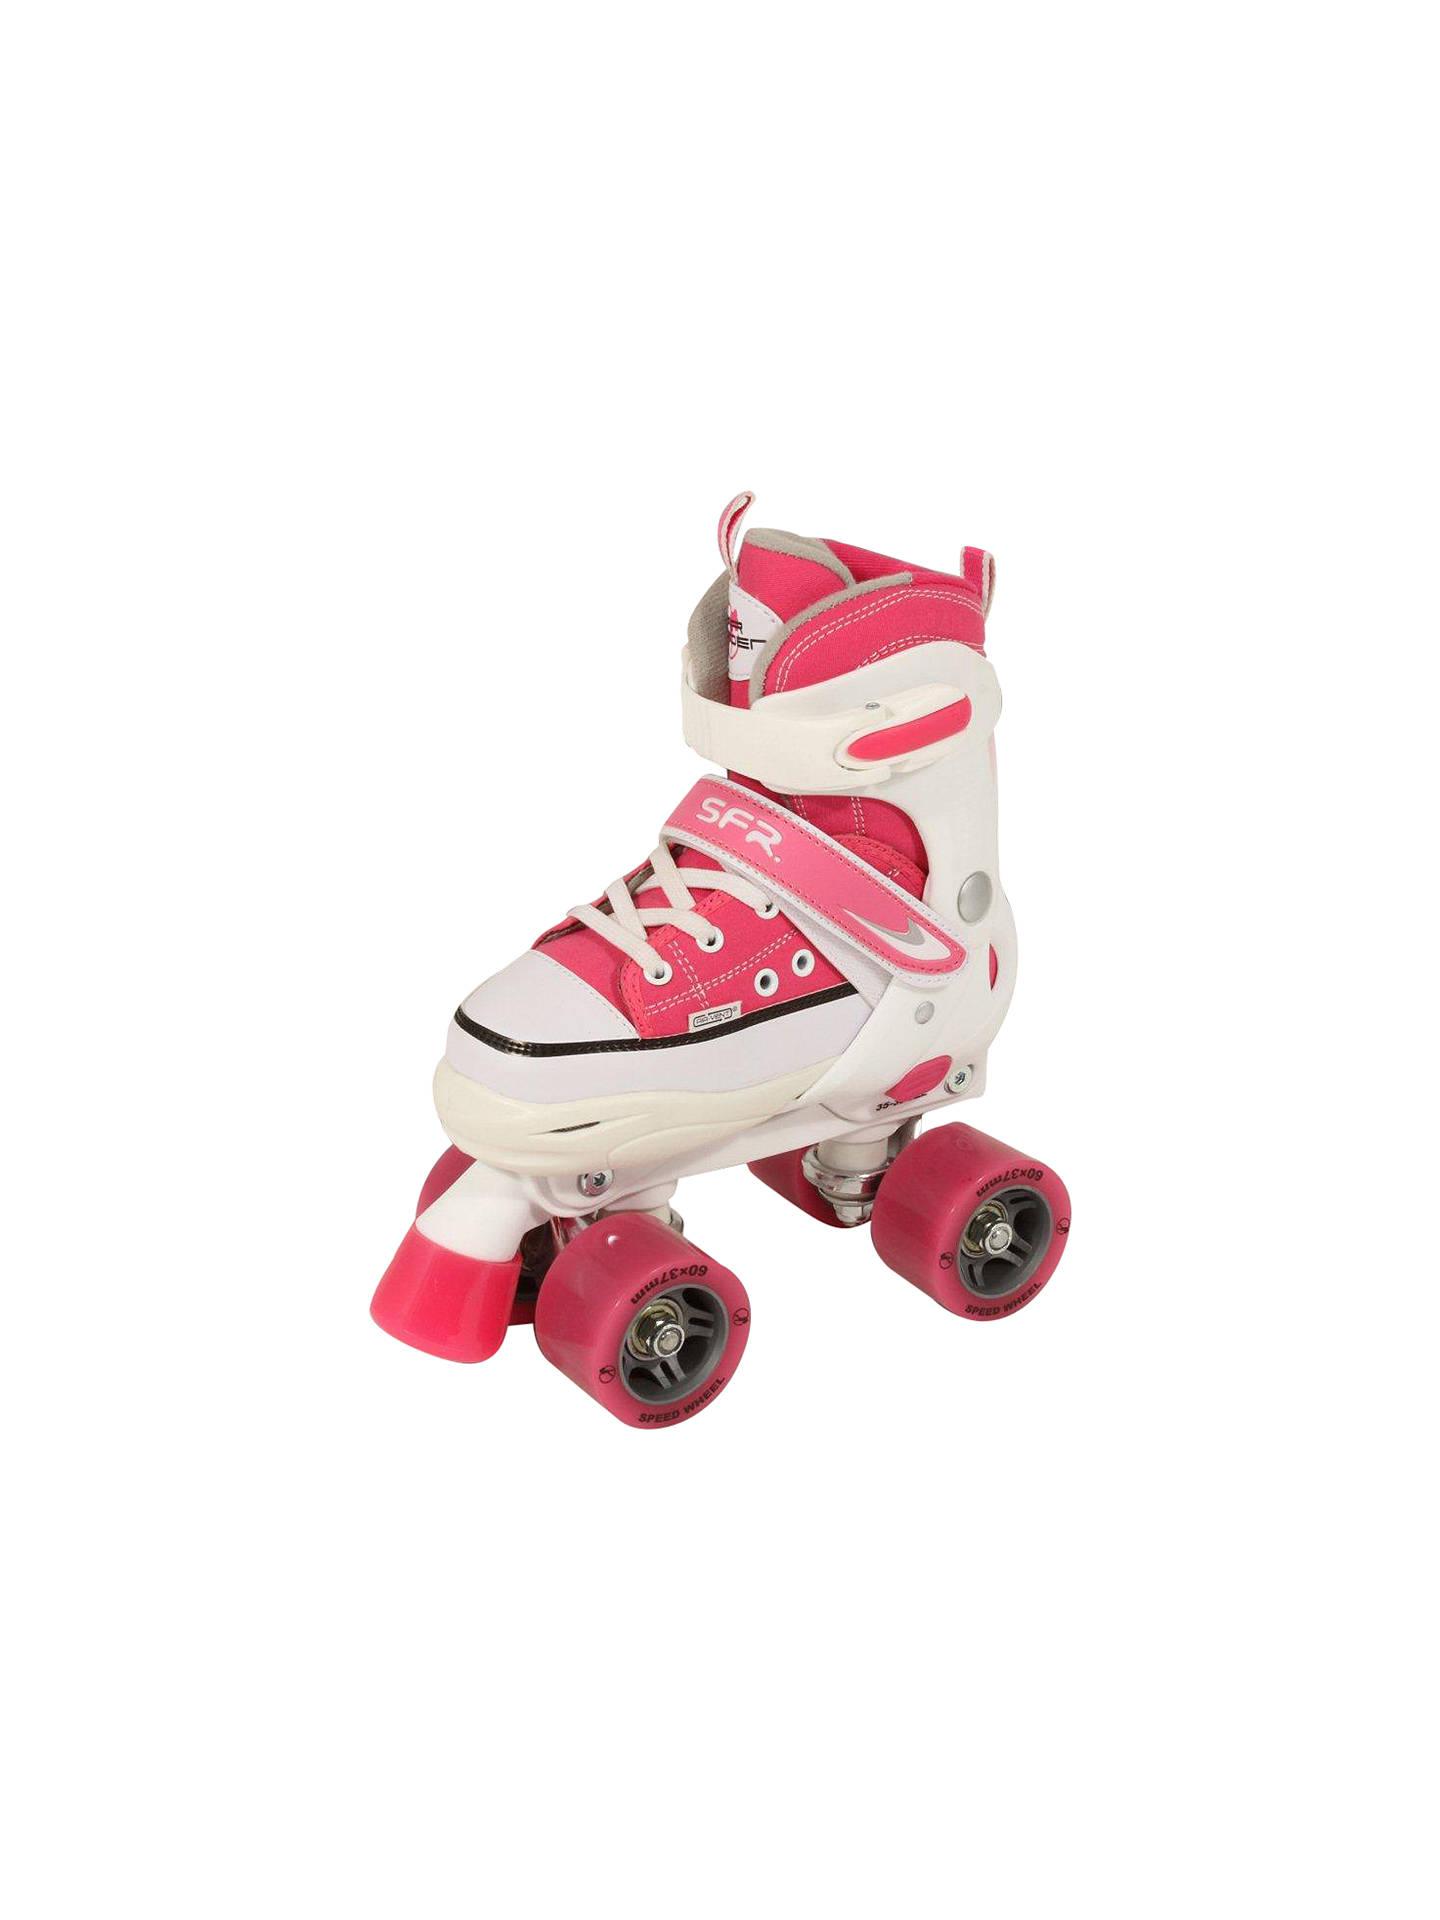 ab5d2612 Buy SFR Miami Children's Adjustable Quad Roller Skates, Pink, 12 Jnr-2  Online